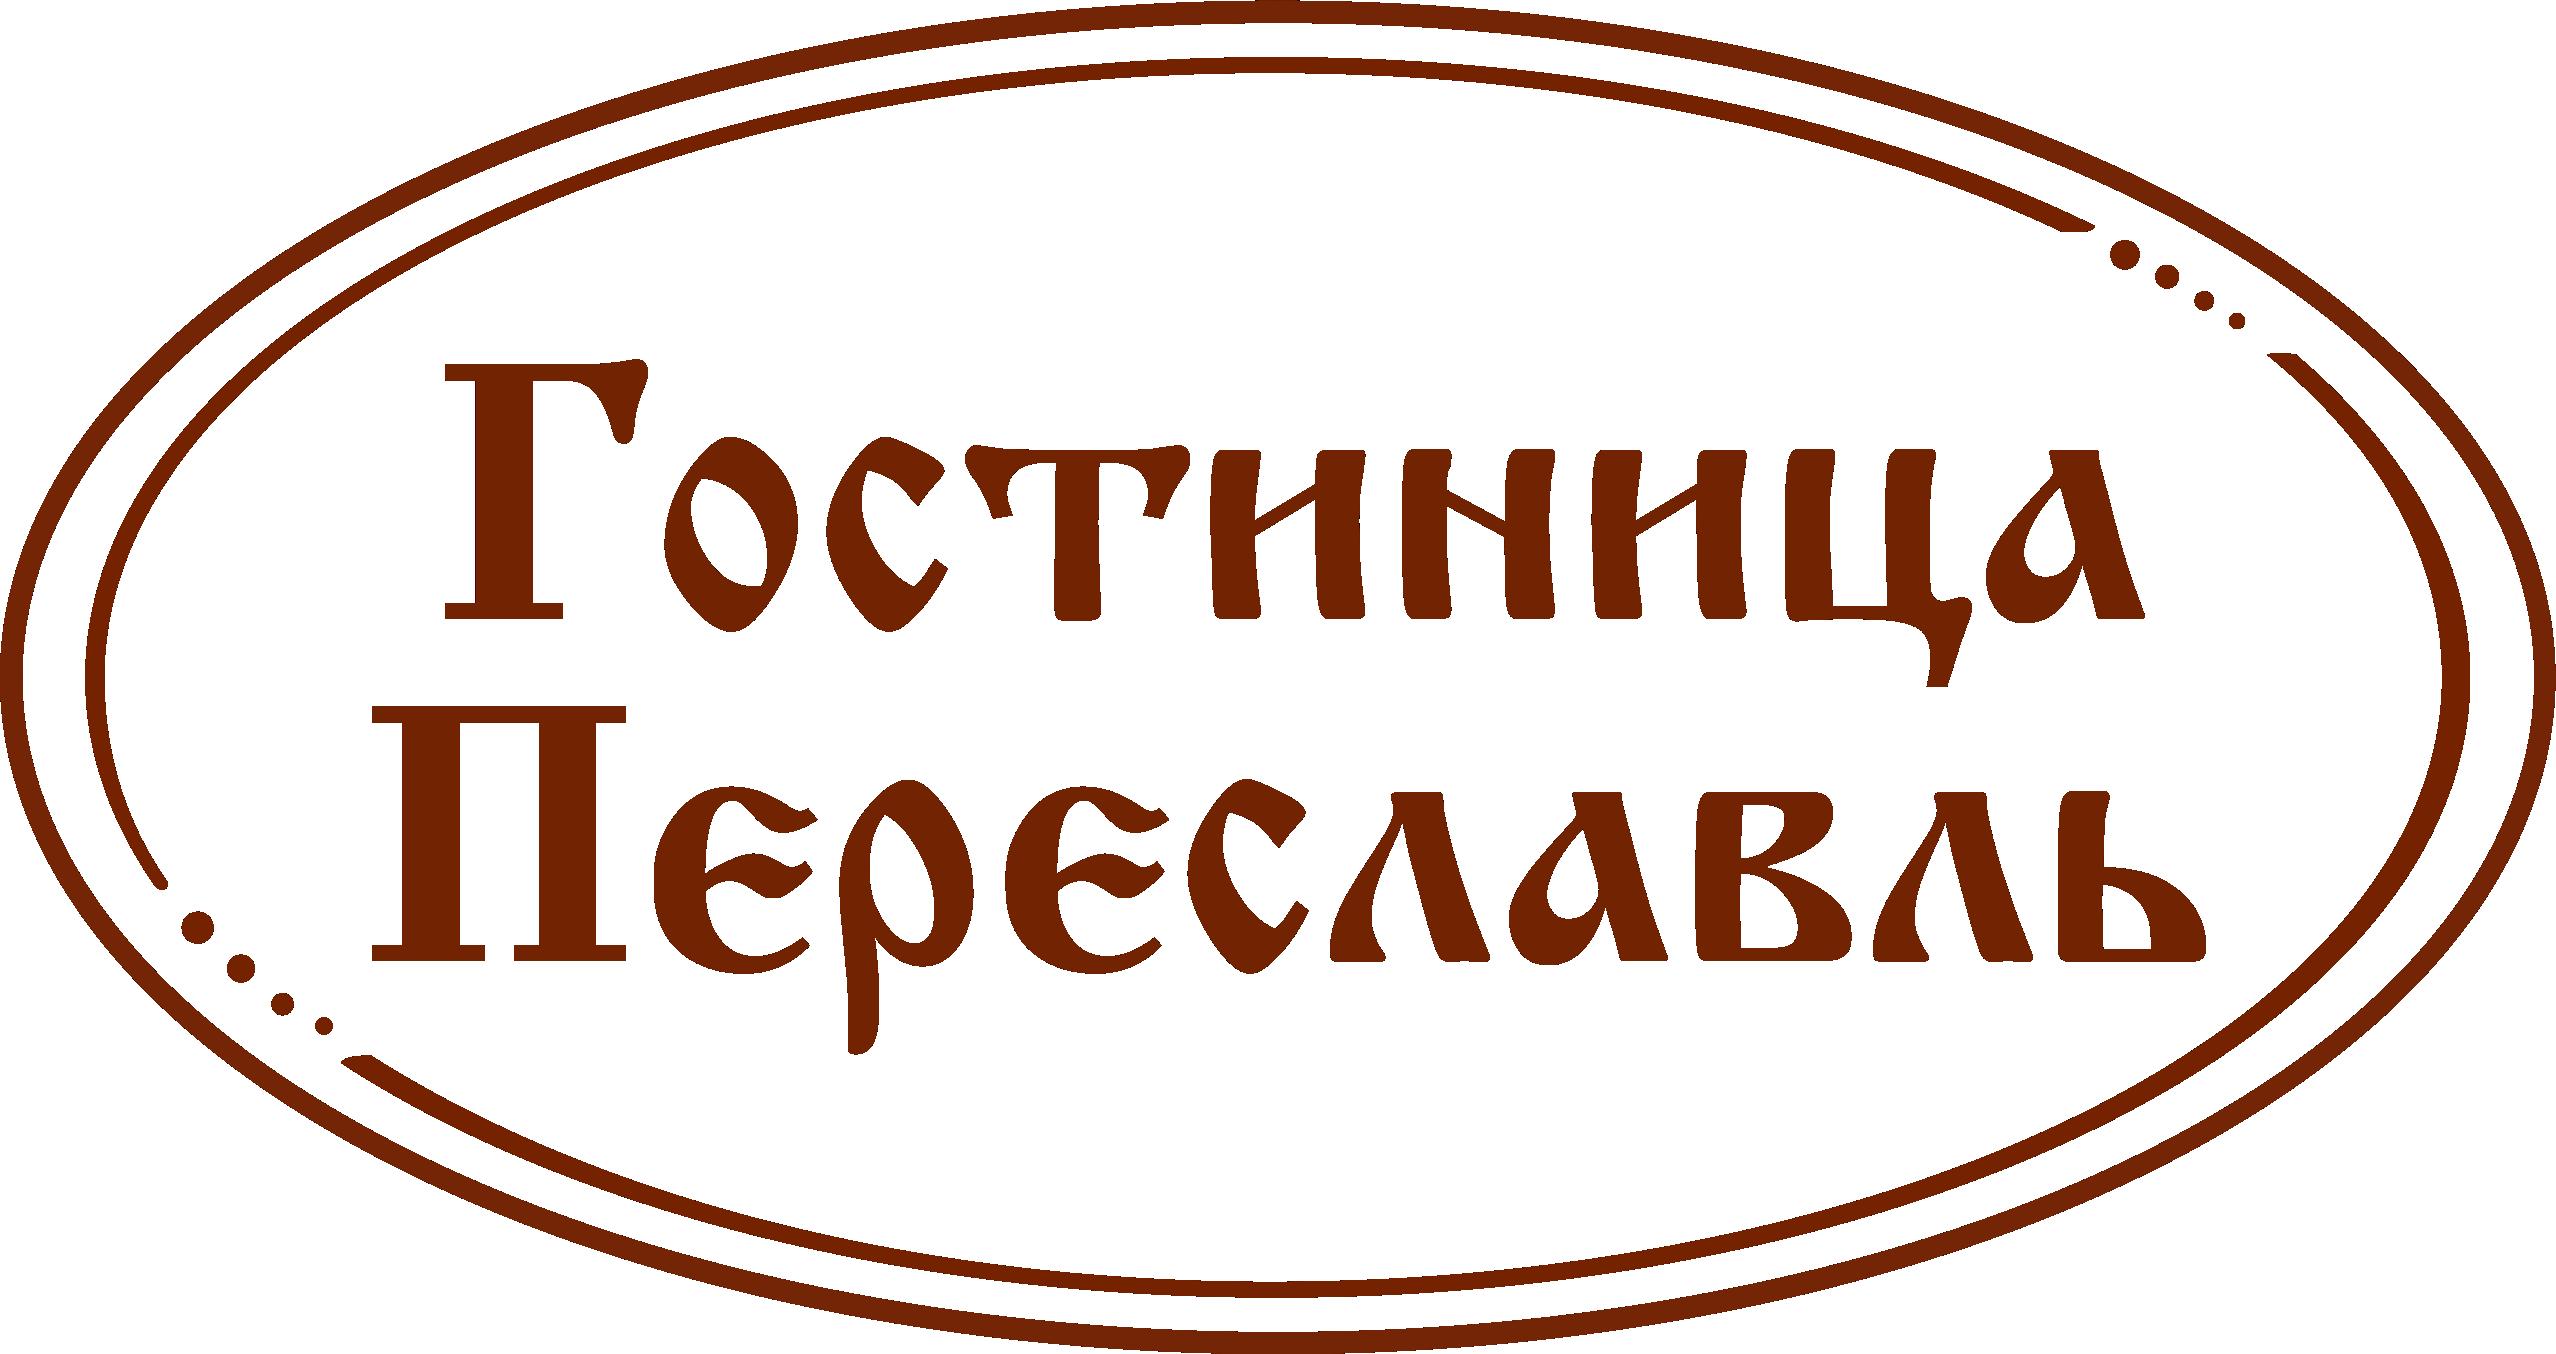 """Гостиница """"Переславль"""" - официальный сайт"""